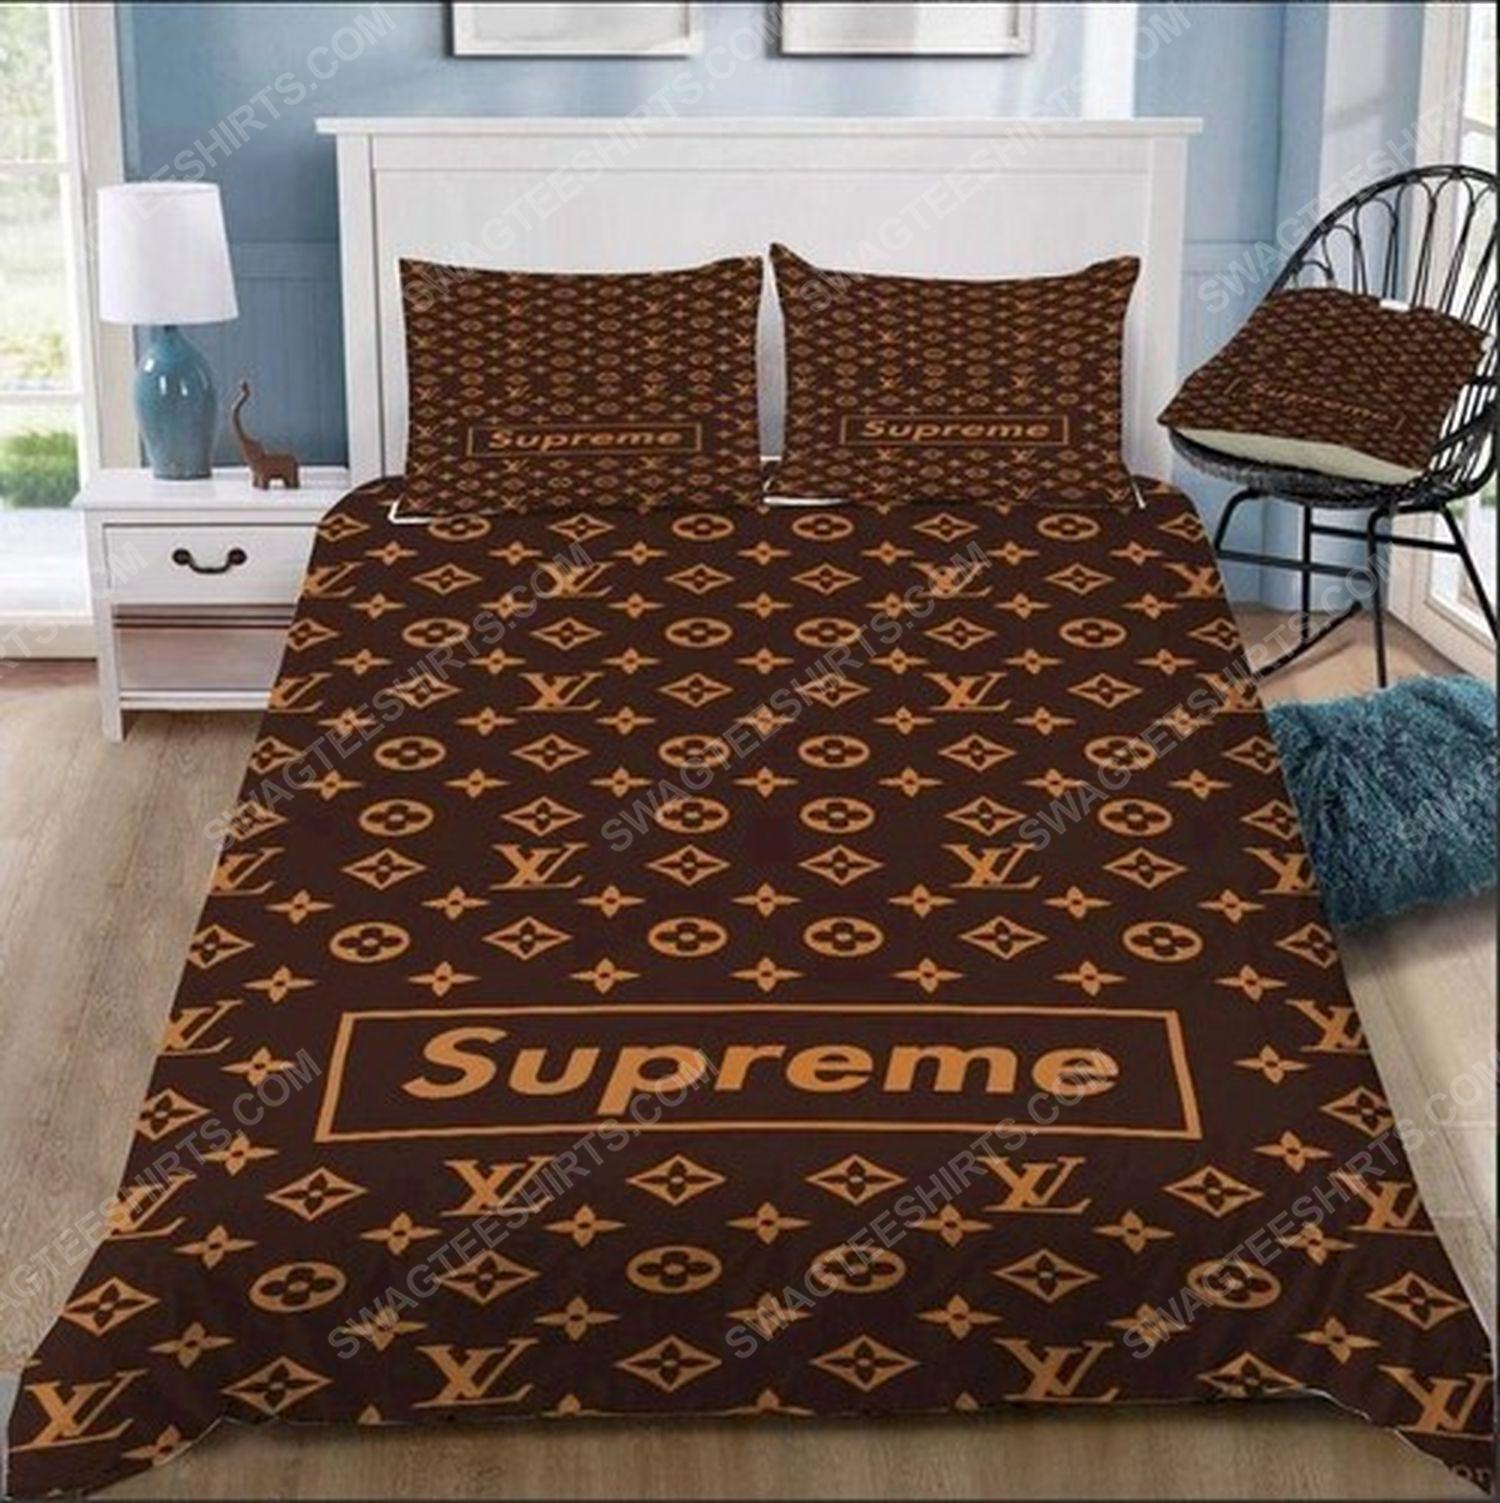 Lv monogram symbols full print duvet cover bedding set 1